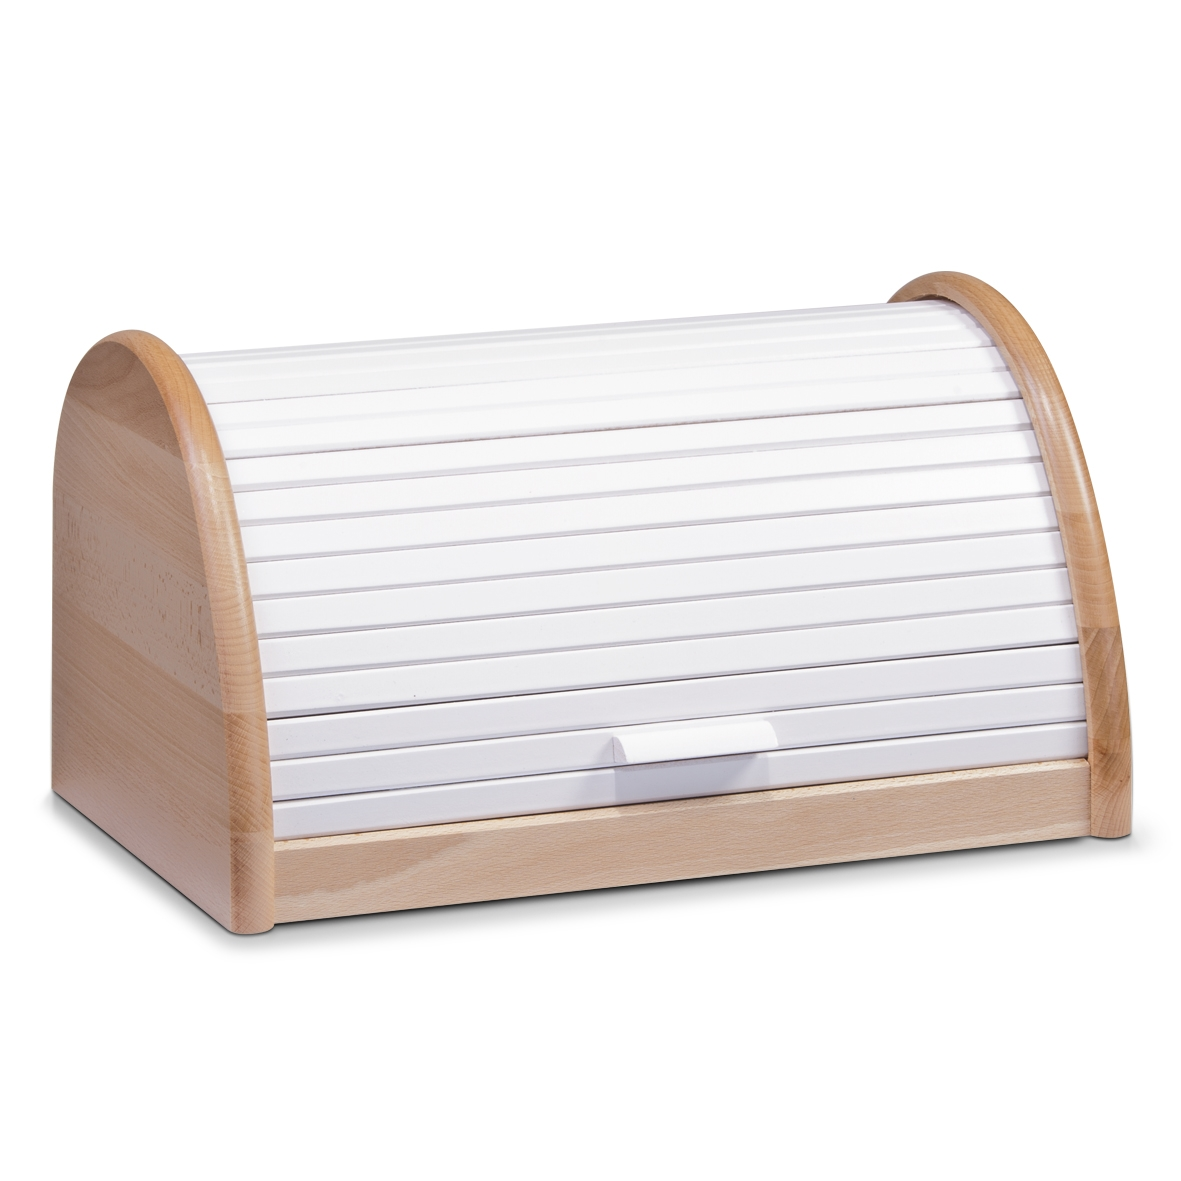 Cutie pentru paine, din lemn de fag, White, l39xA25xH21 cm imagine